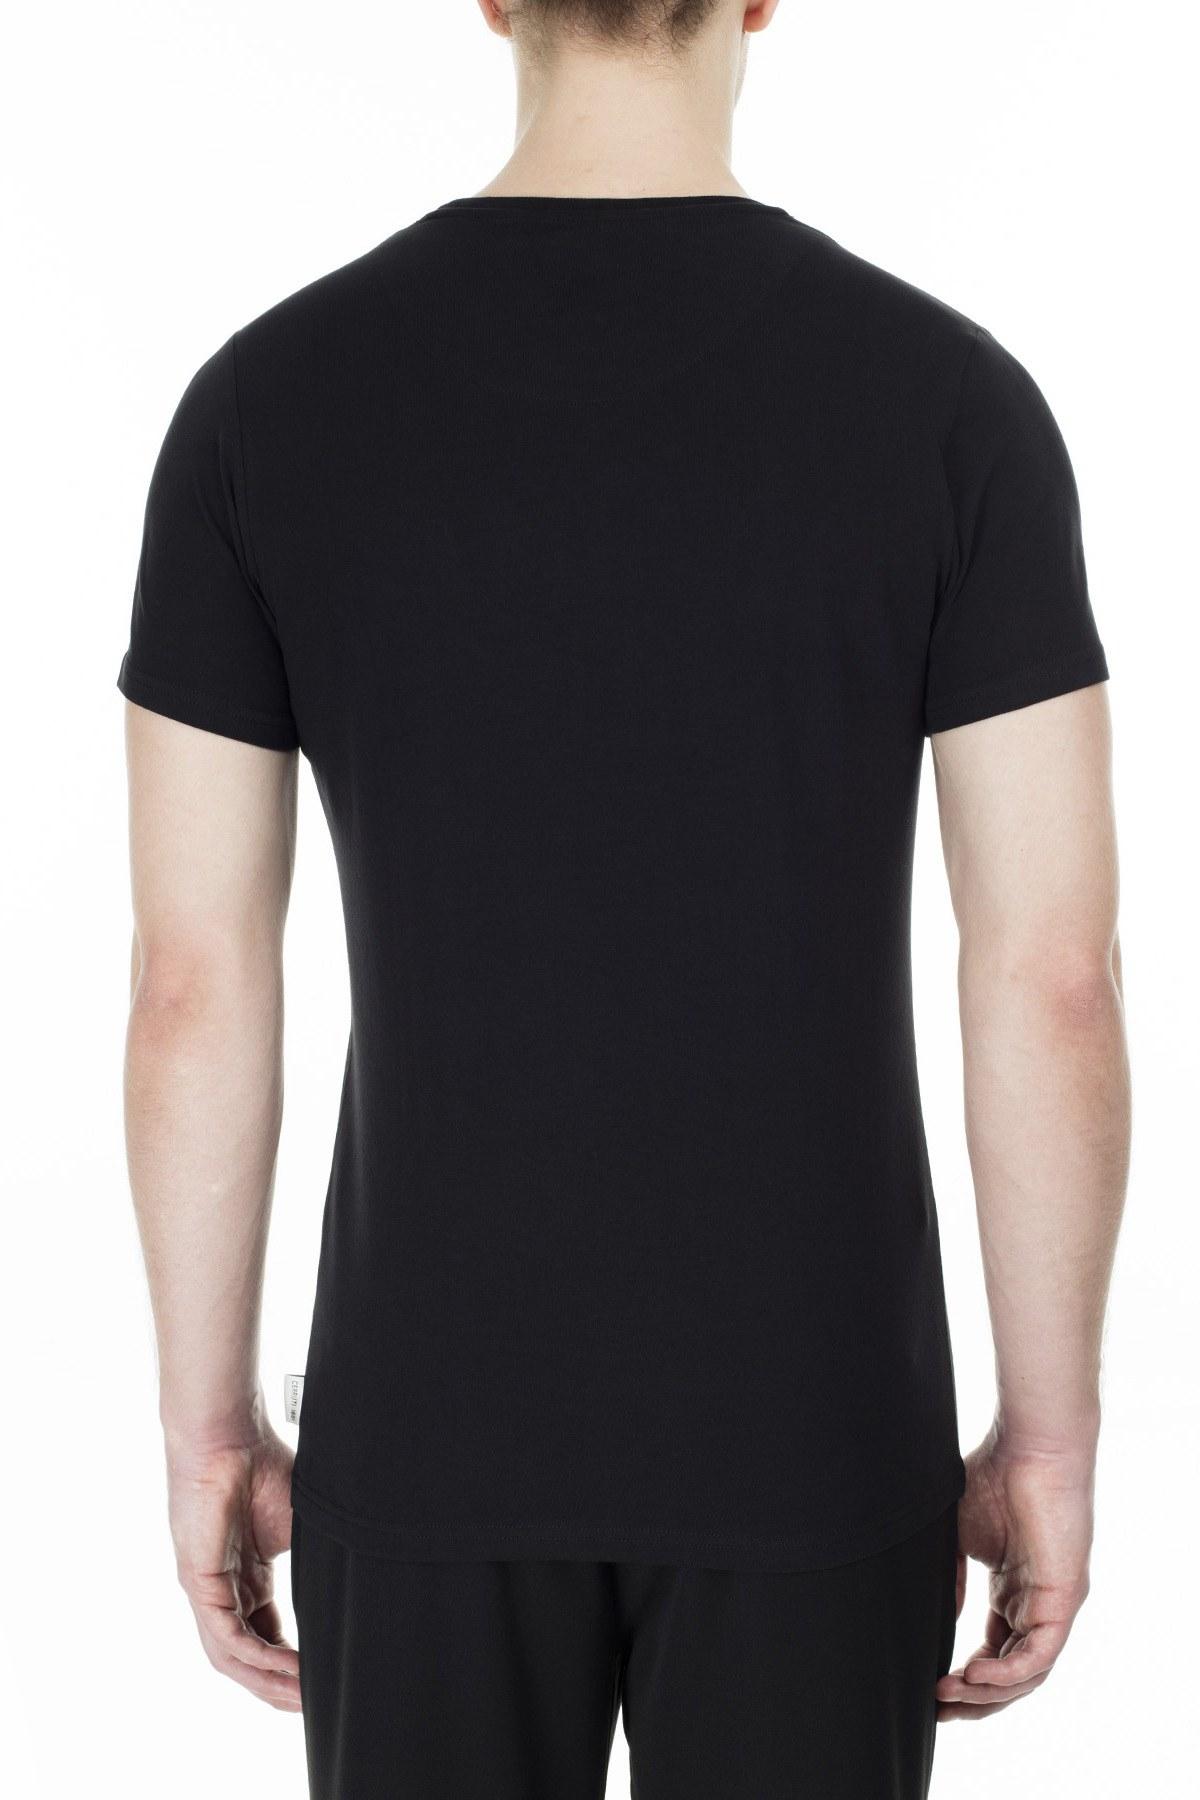 Cerruti 1881 Erkek T Shirt 203-001728 SİYAH